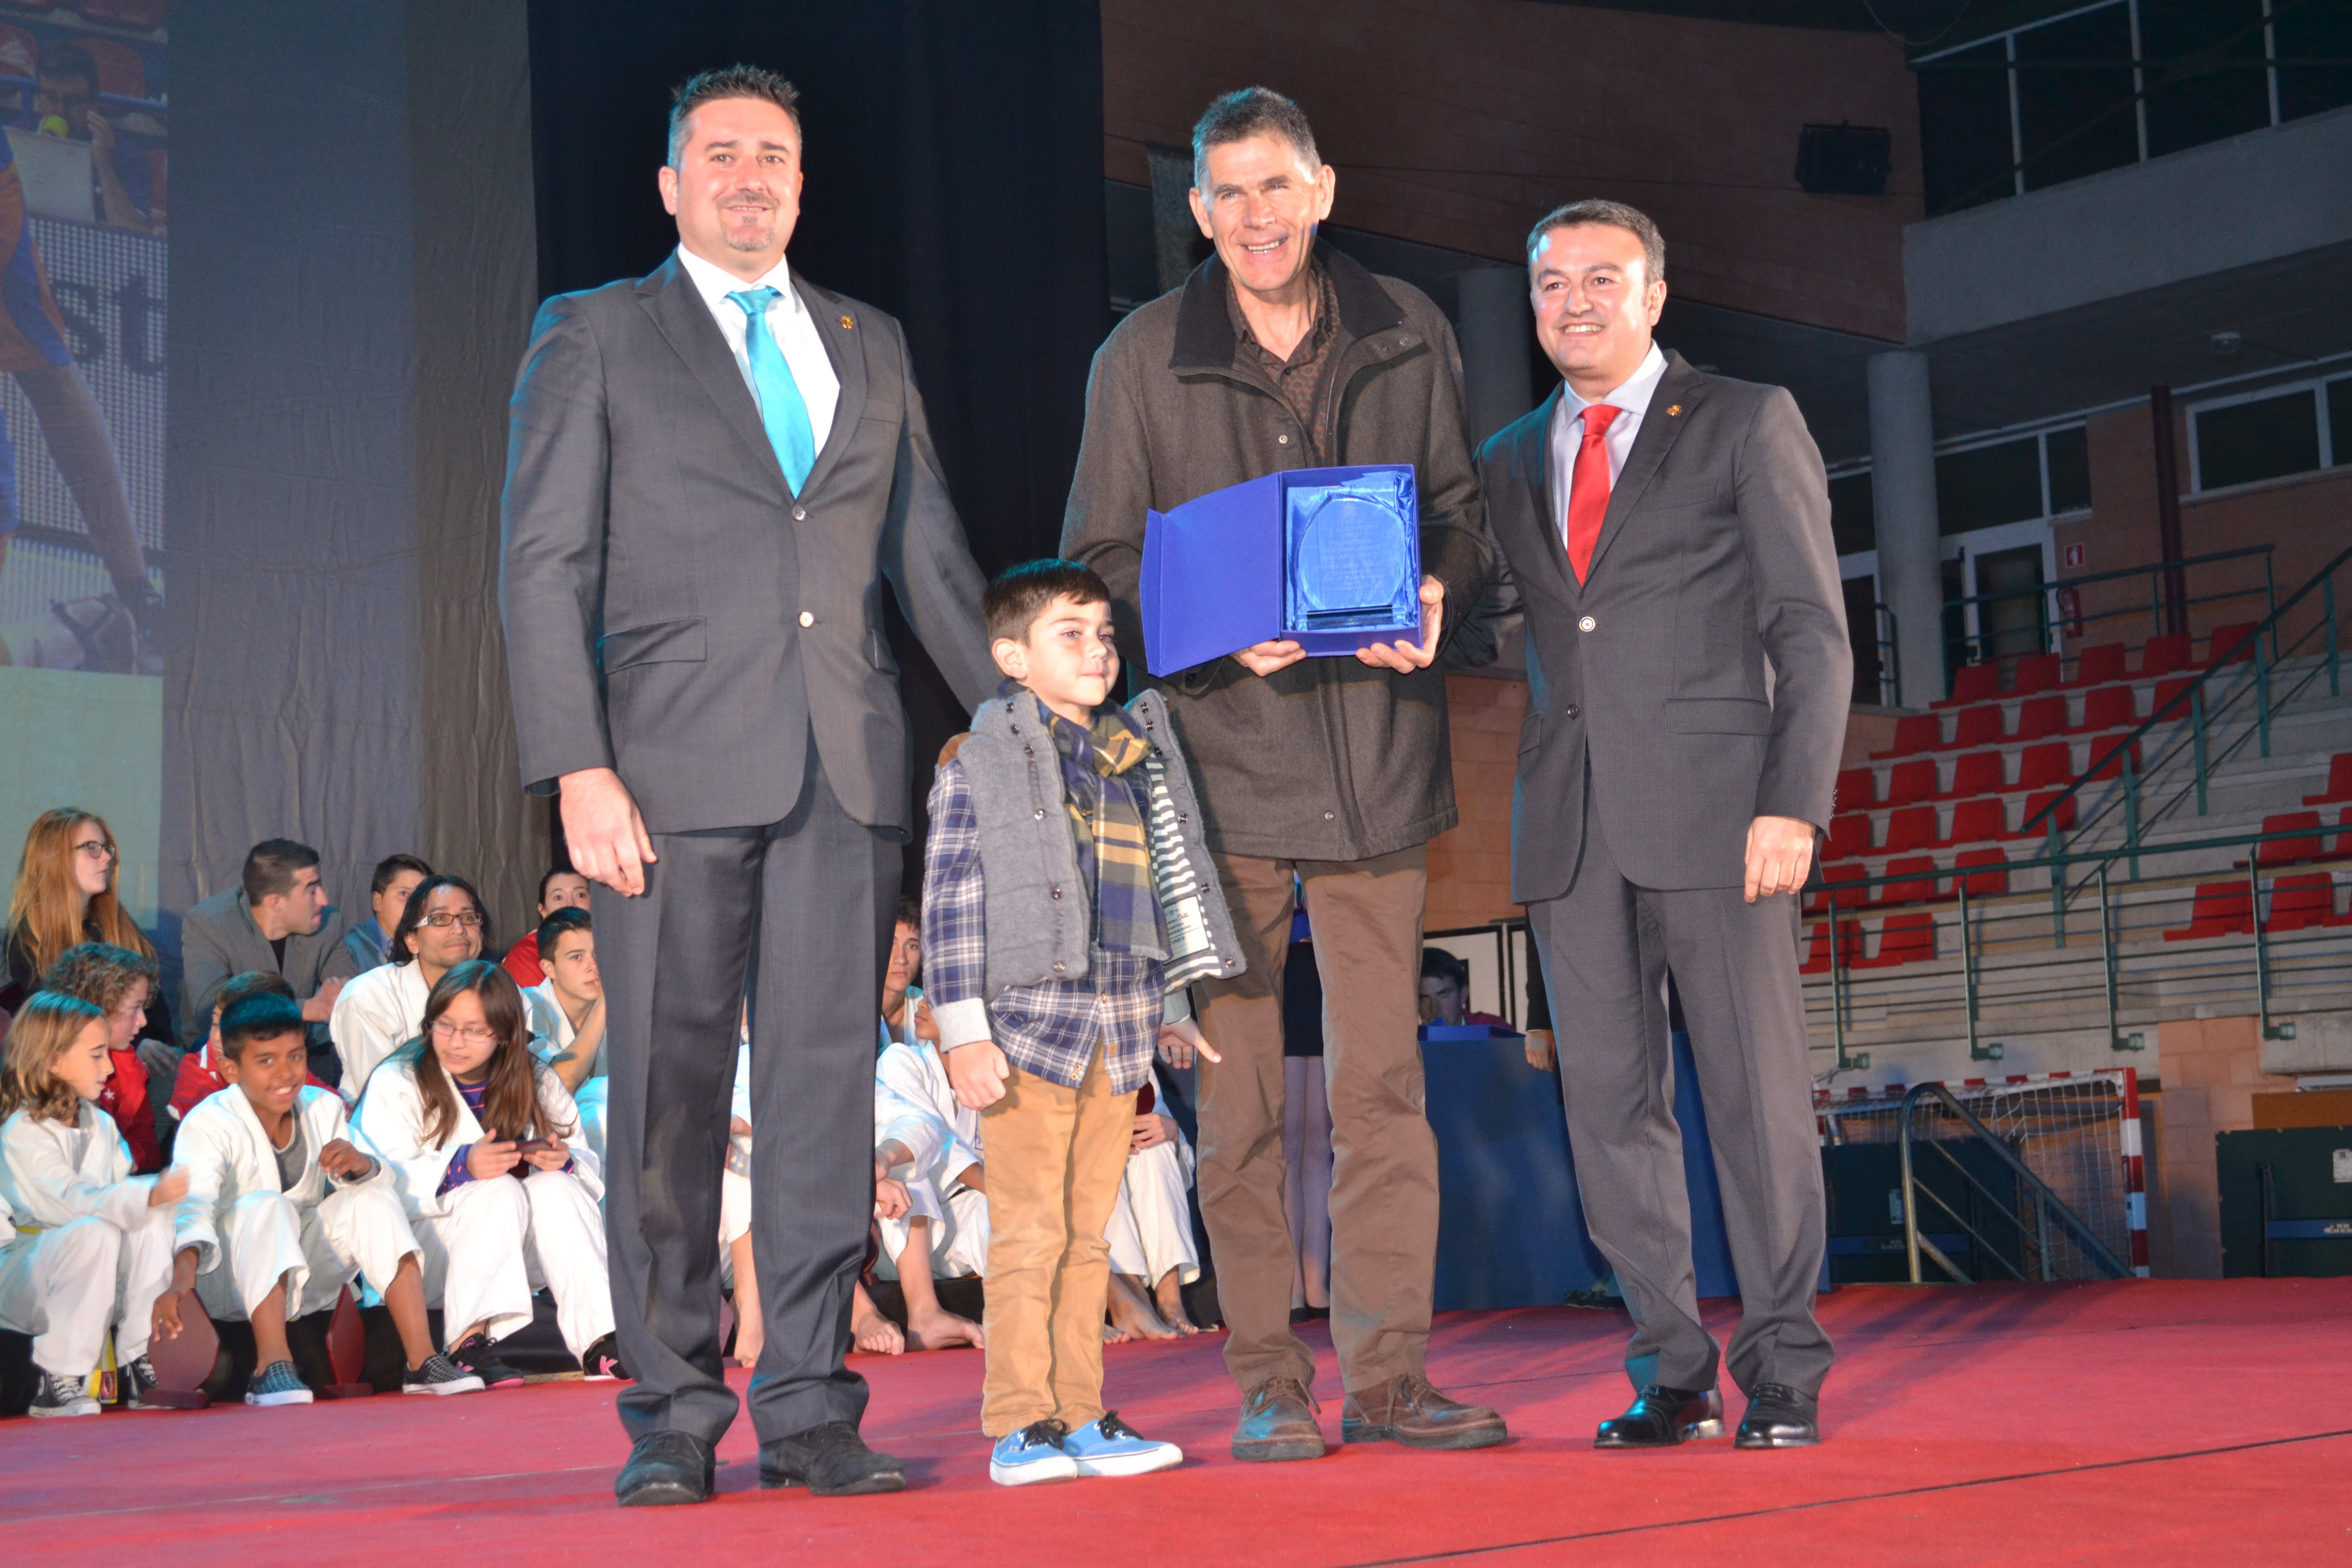 Bartolome Bas recogió el premio de su hijo Romà